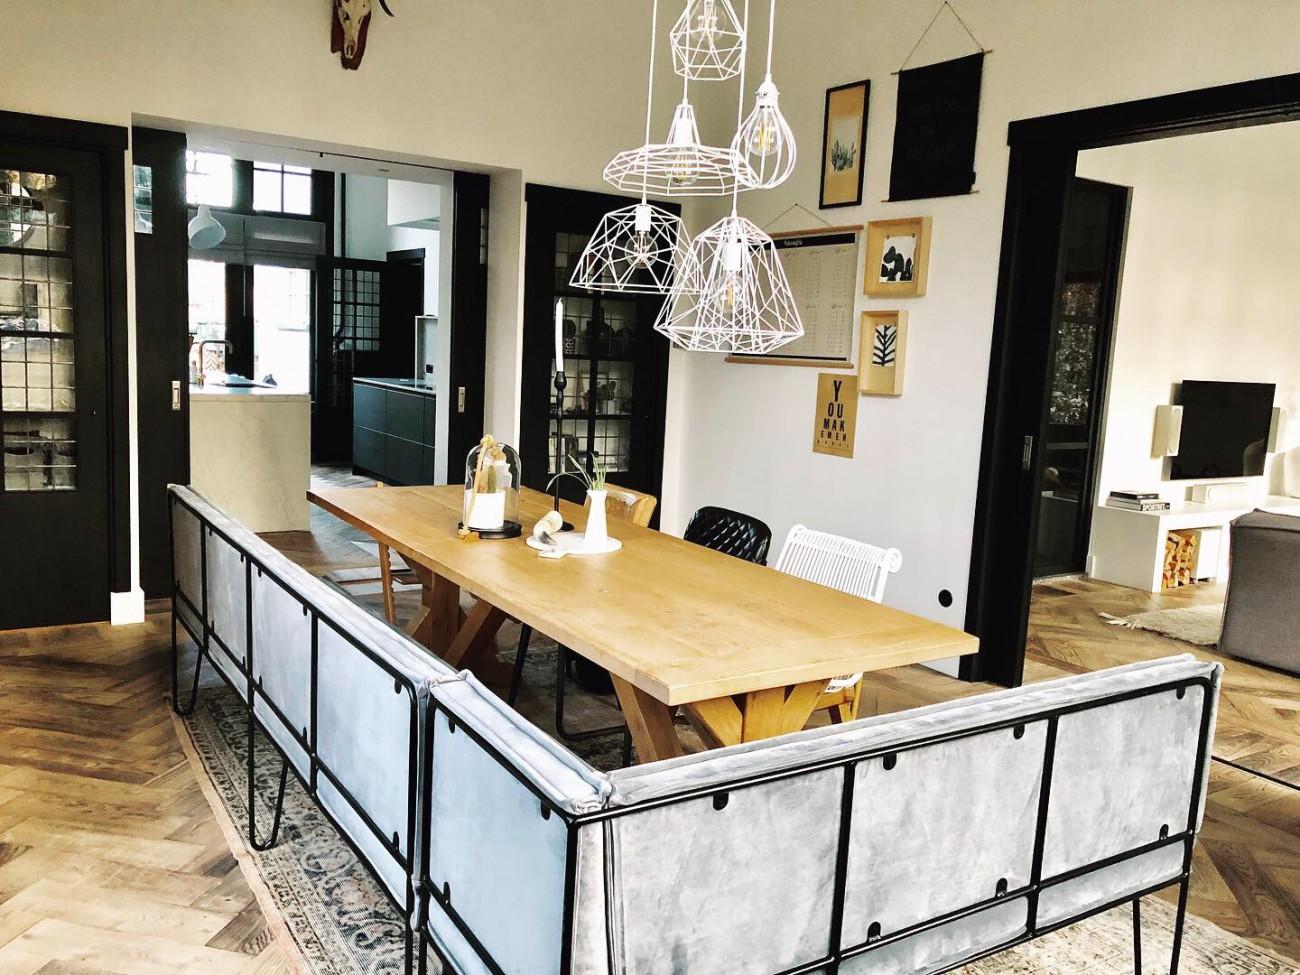 keuken interieur inspiratie